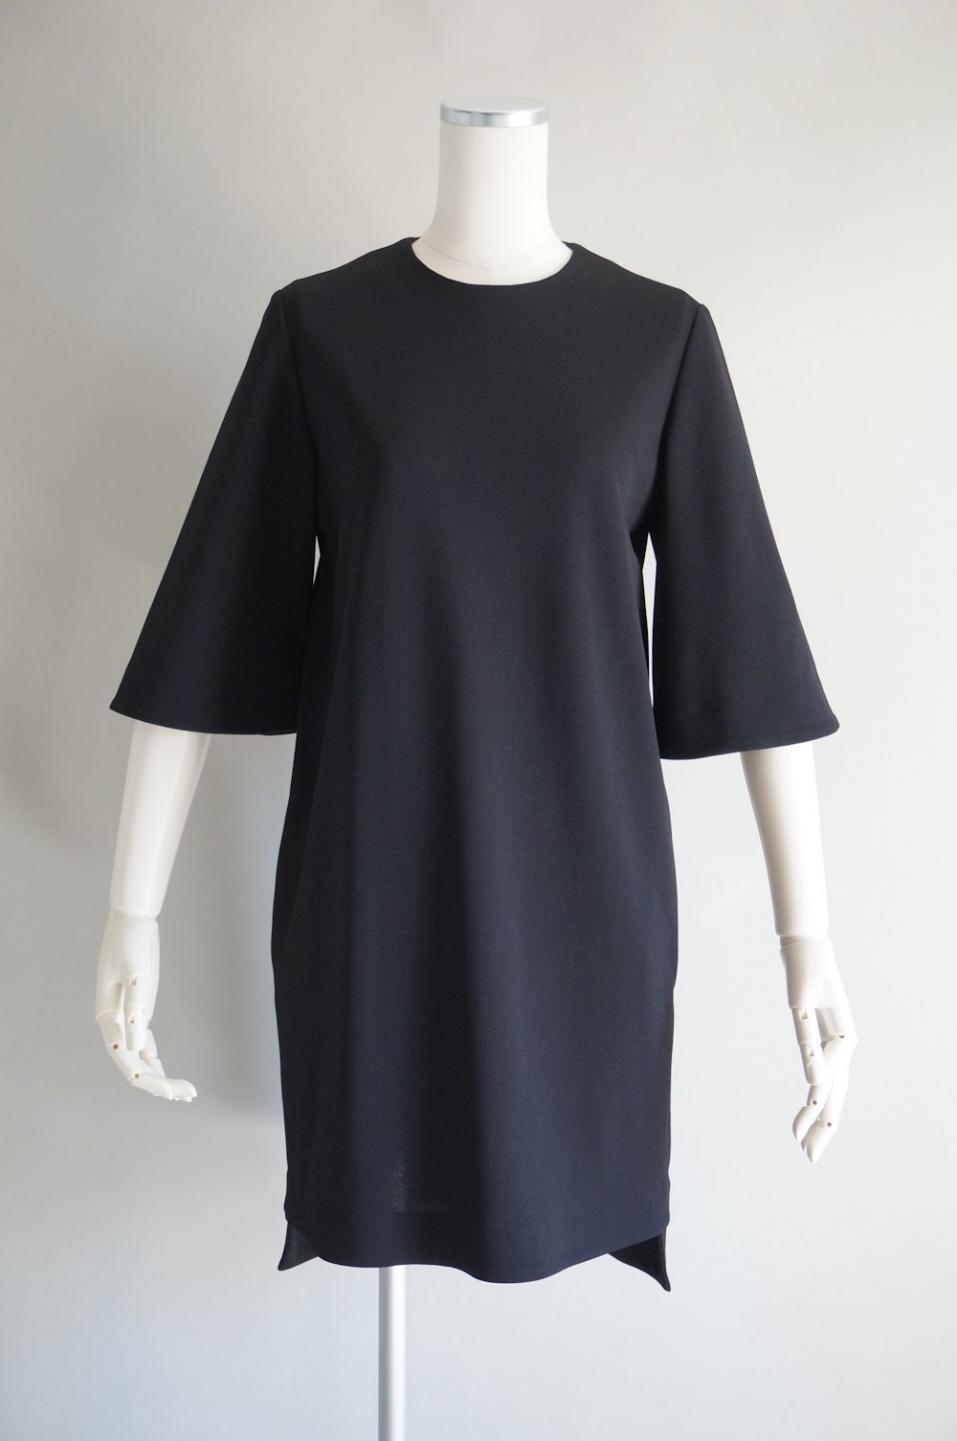 ドレスの画像 p1_39